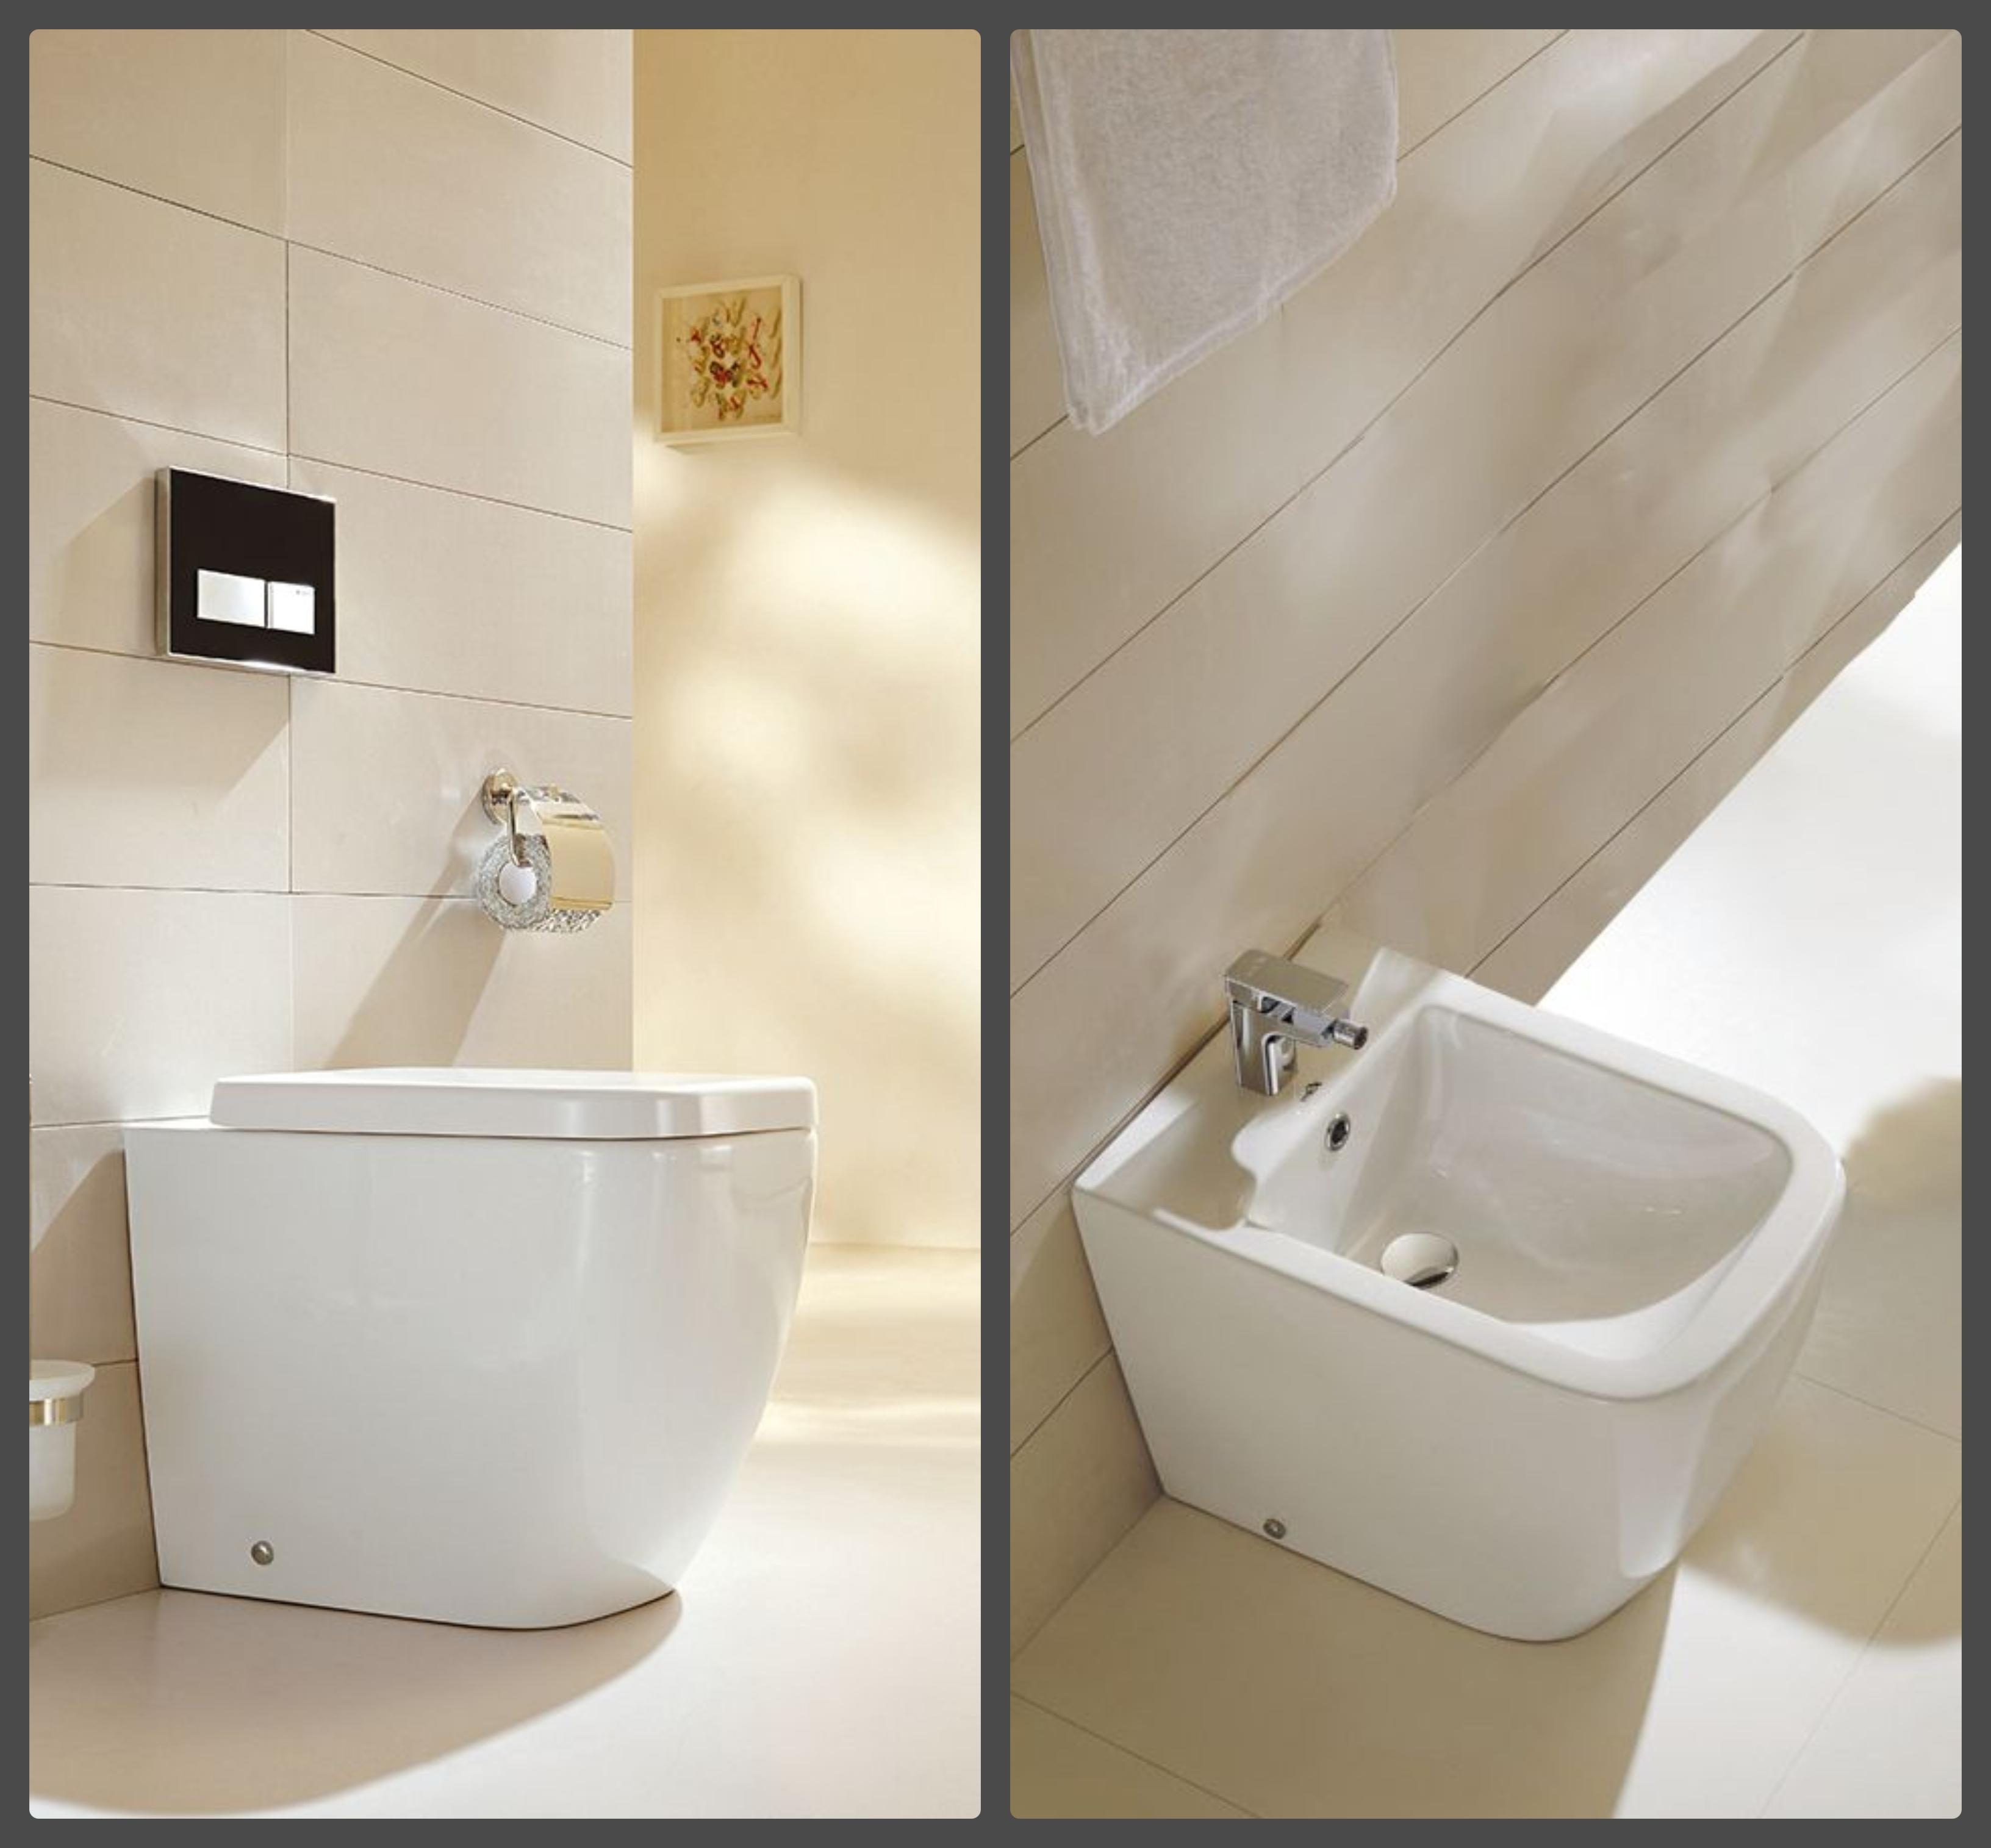 Komplettset Stand-WC BTW-6023 + Stand-Bidet BTW-6027 inkl. Soft-Close Sitz